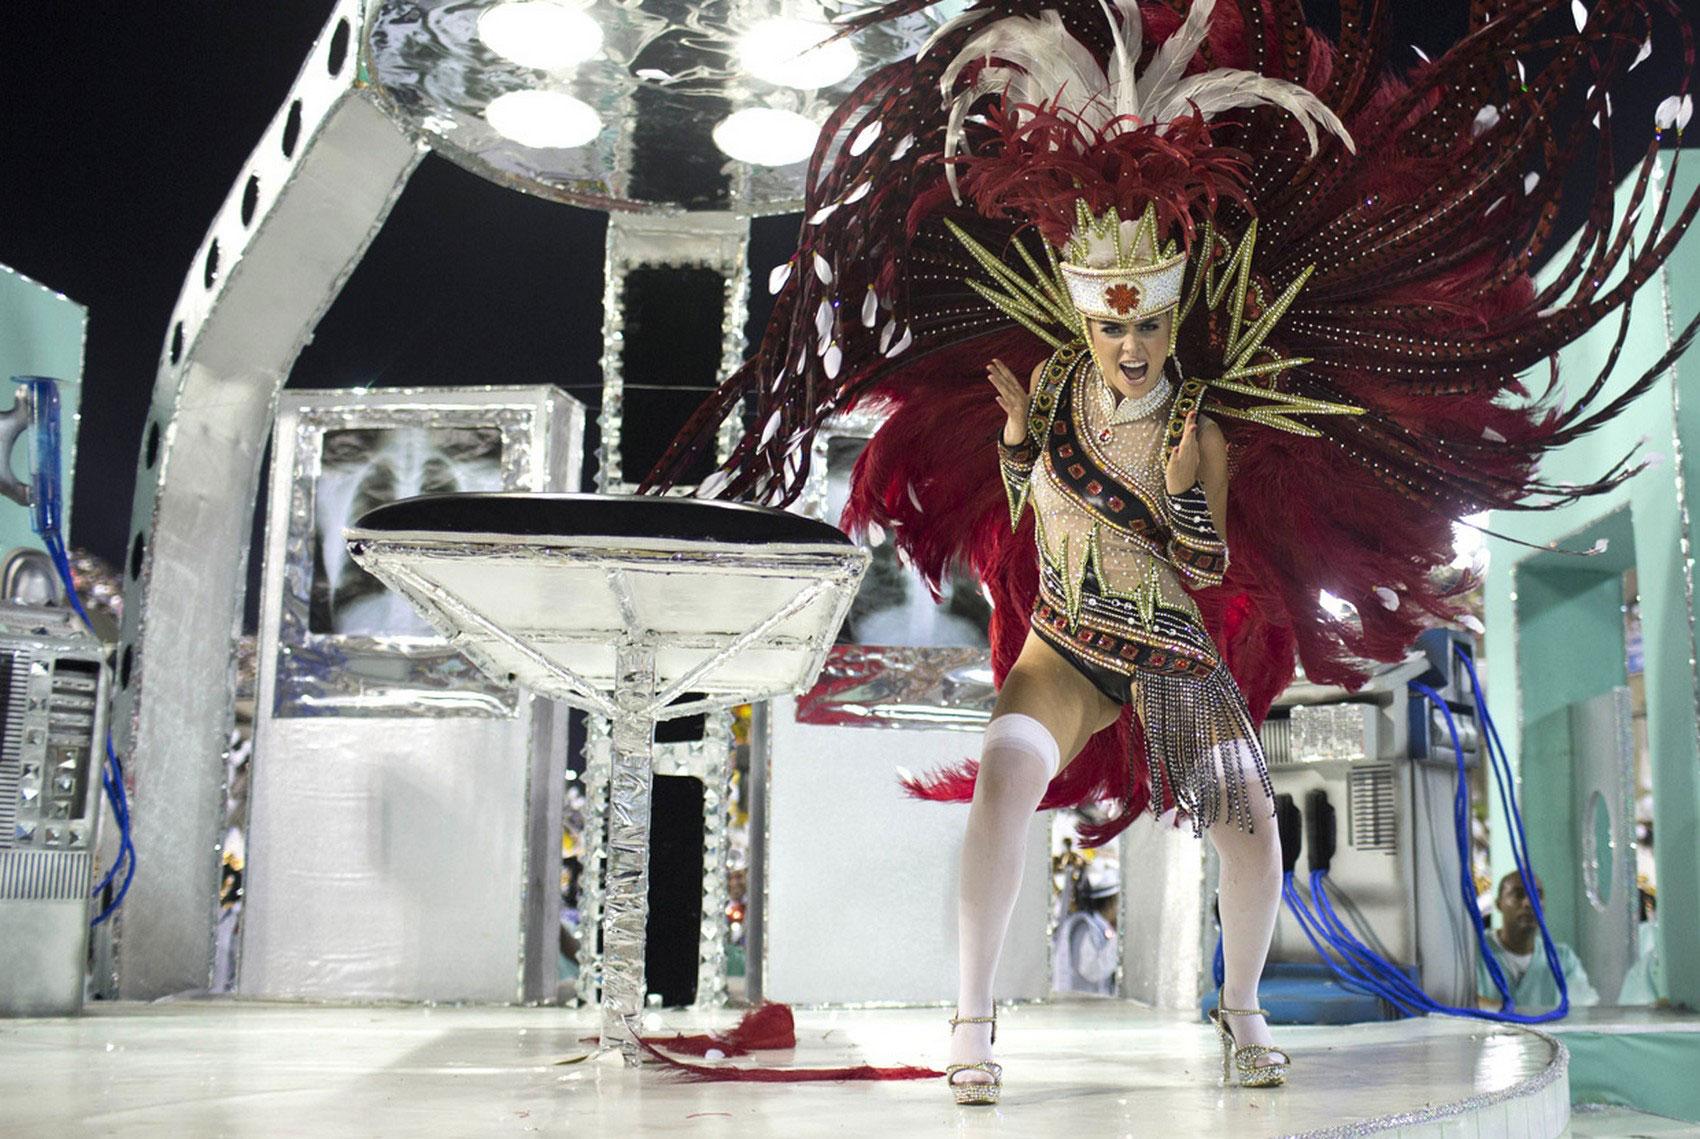 выступление участников карнавала, фото